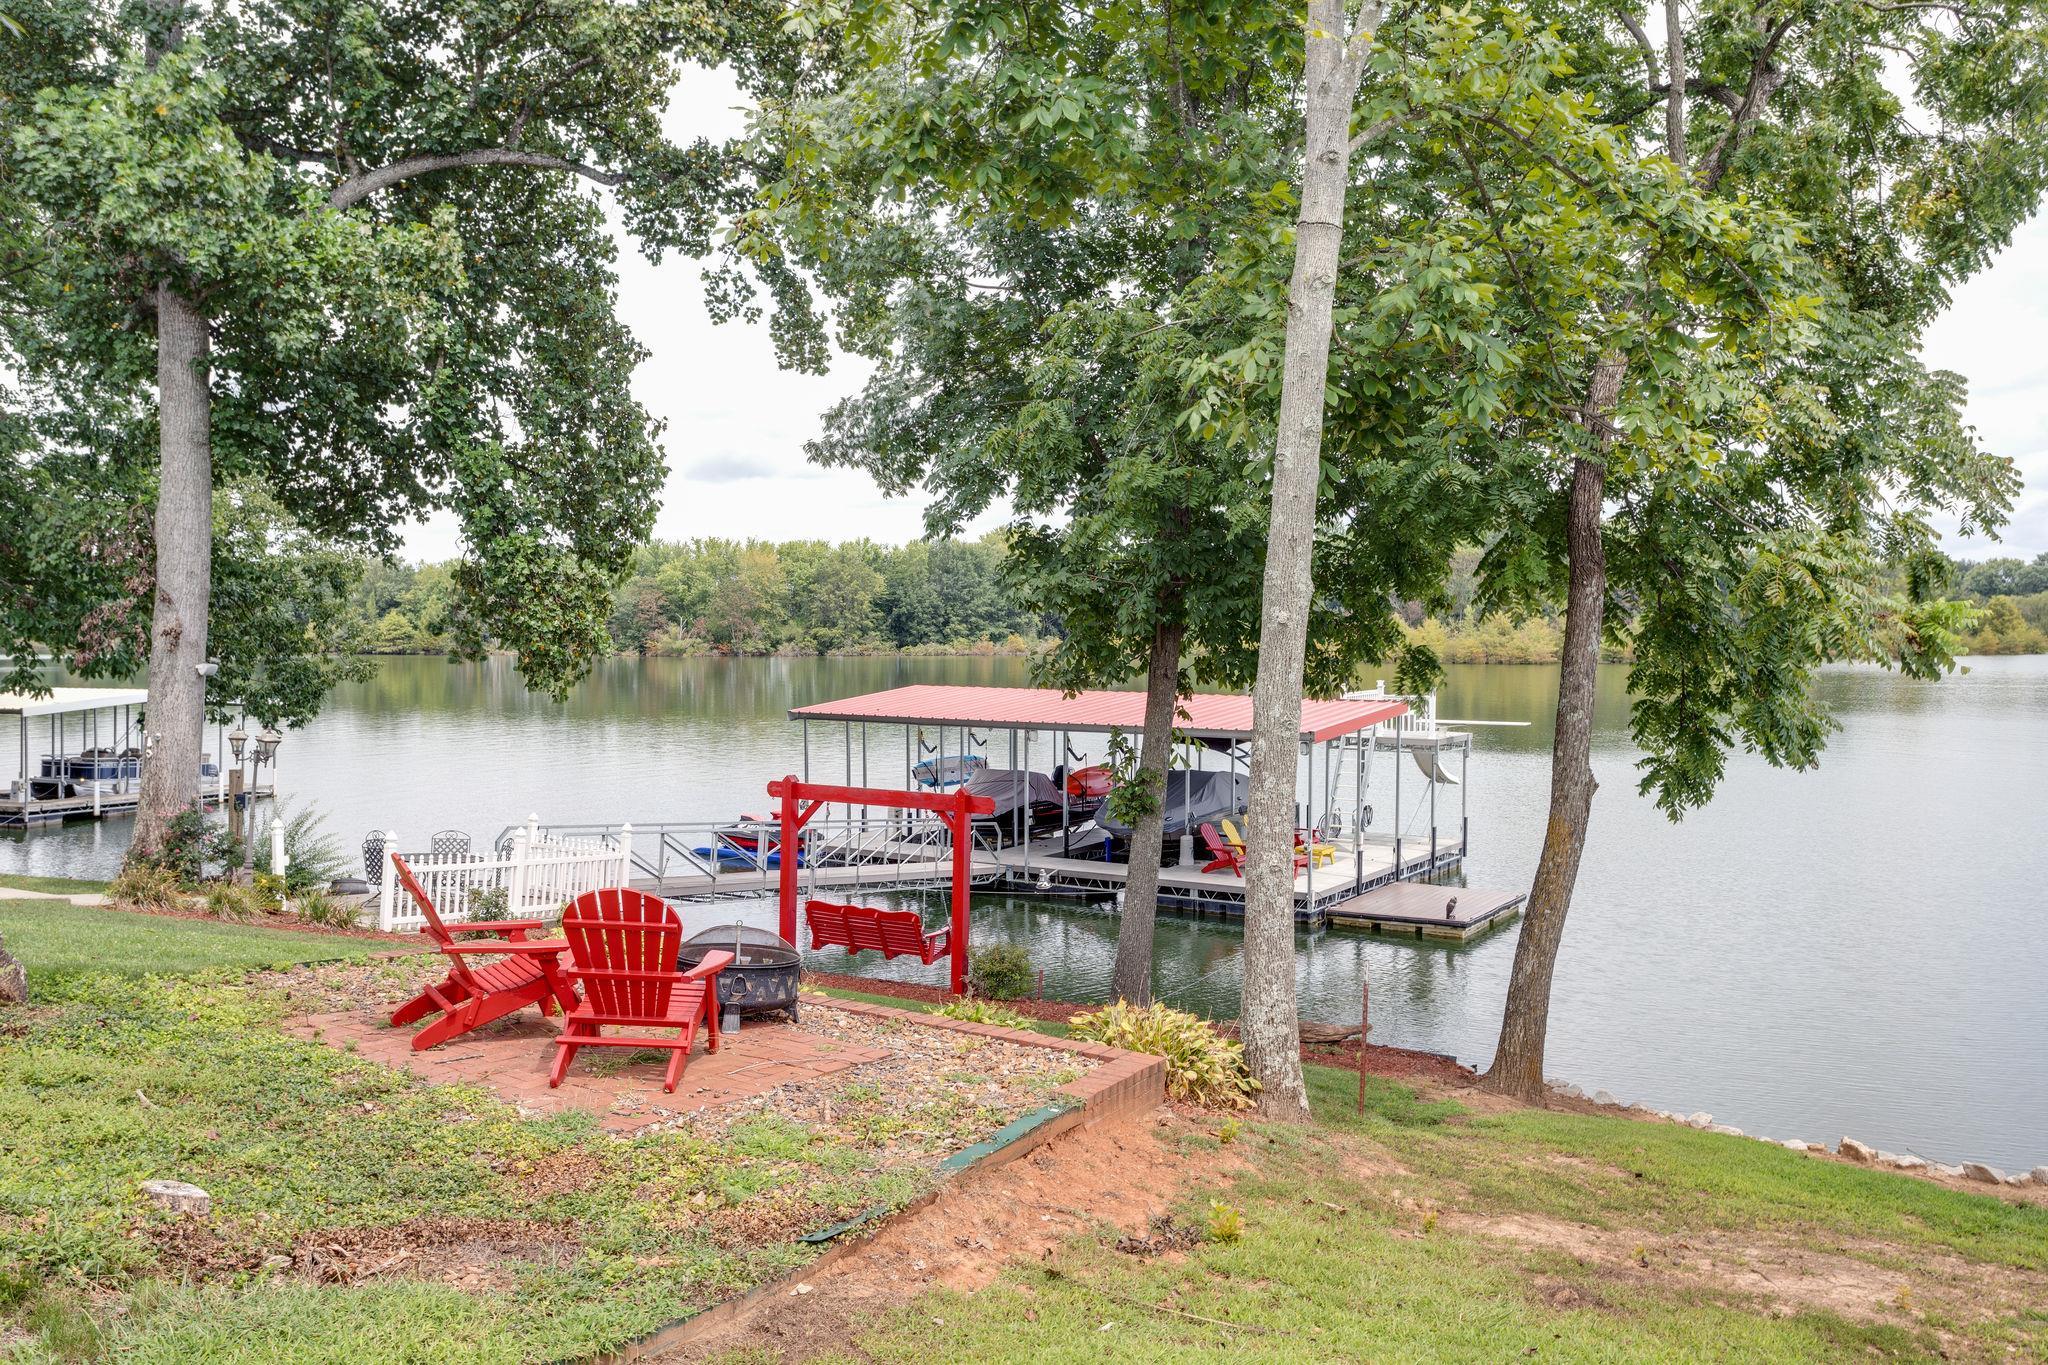 587 Waters Edge Dr, Estill Springs, TN 37330 - Estill Springs, TN real estate listing